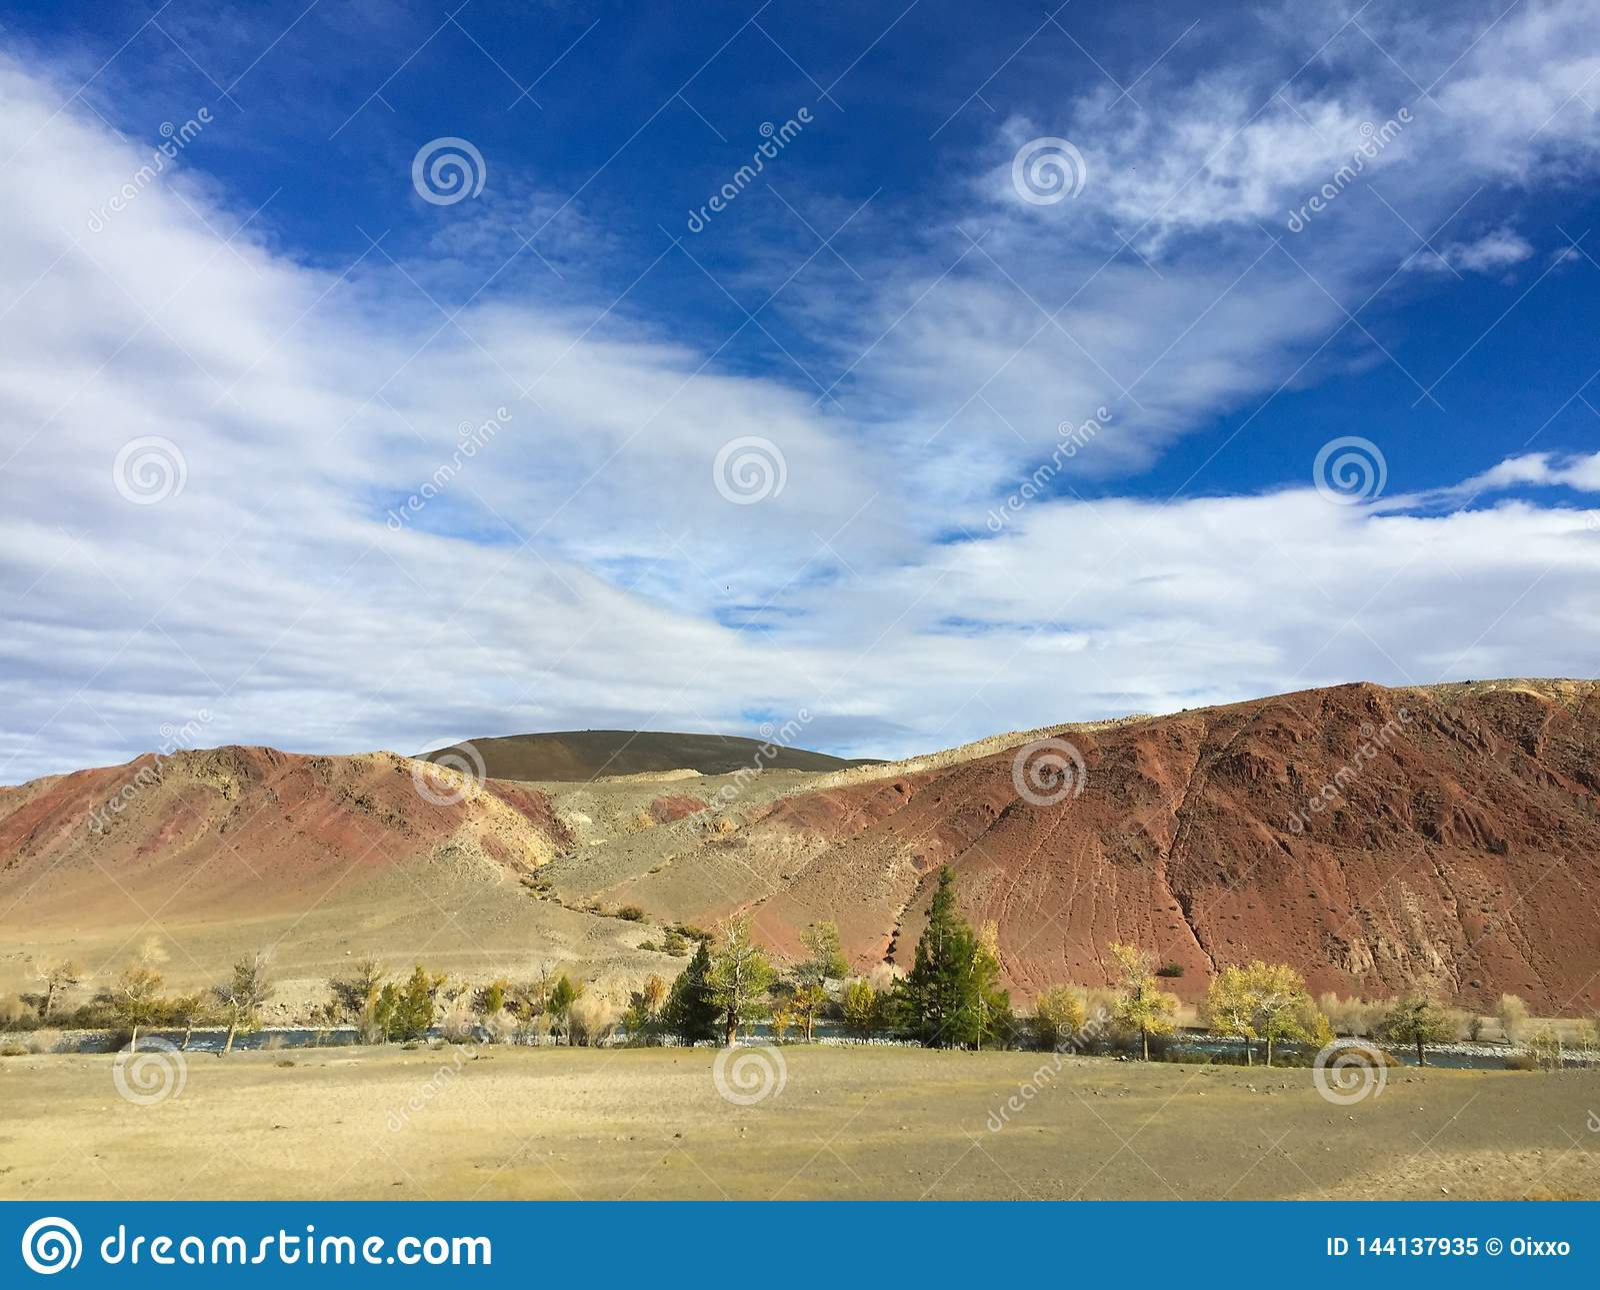 地球上的火星的风景 阿尔泰火星红色岩石山 二者择一地 俄国